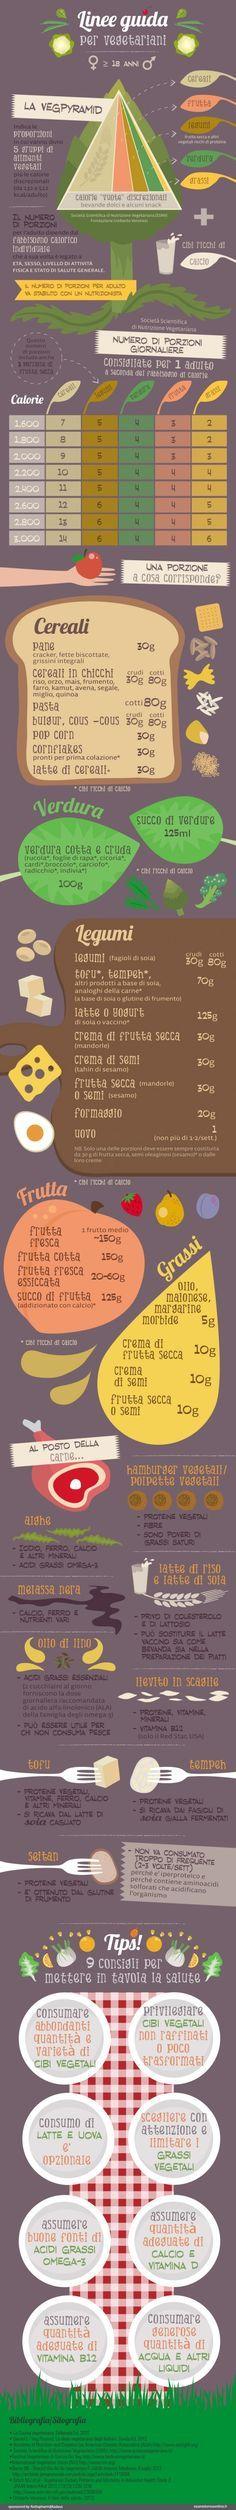 Le linee guida per una corretta alimentazione vegetariana- Esseredonnaonline - grafica Kleland studio